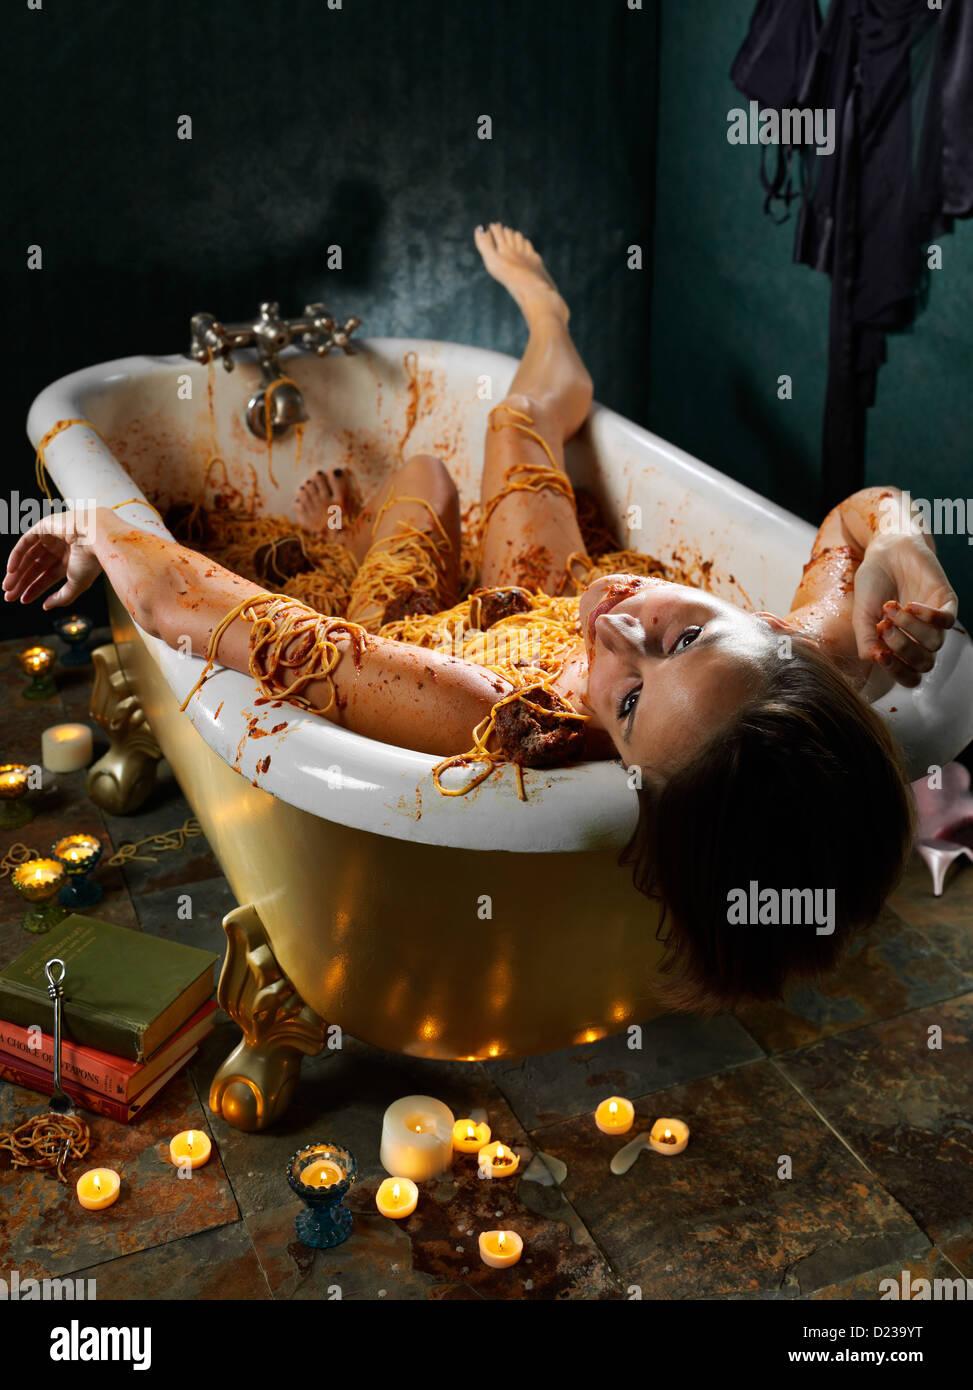 Il cibo della scena del crimine con la morte di golosità. Immagini Stock